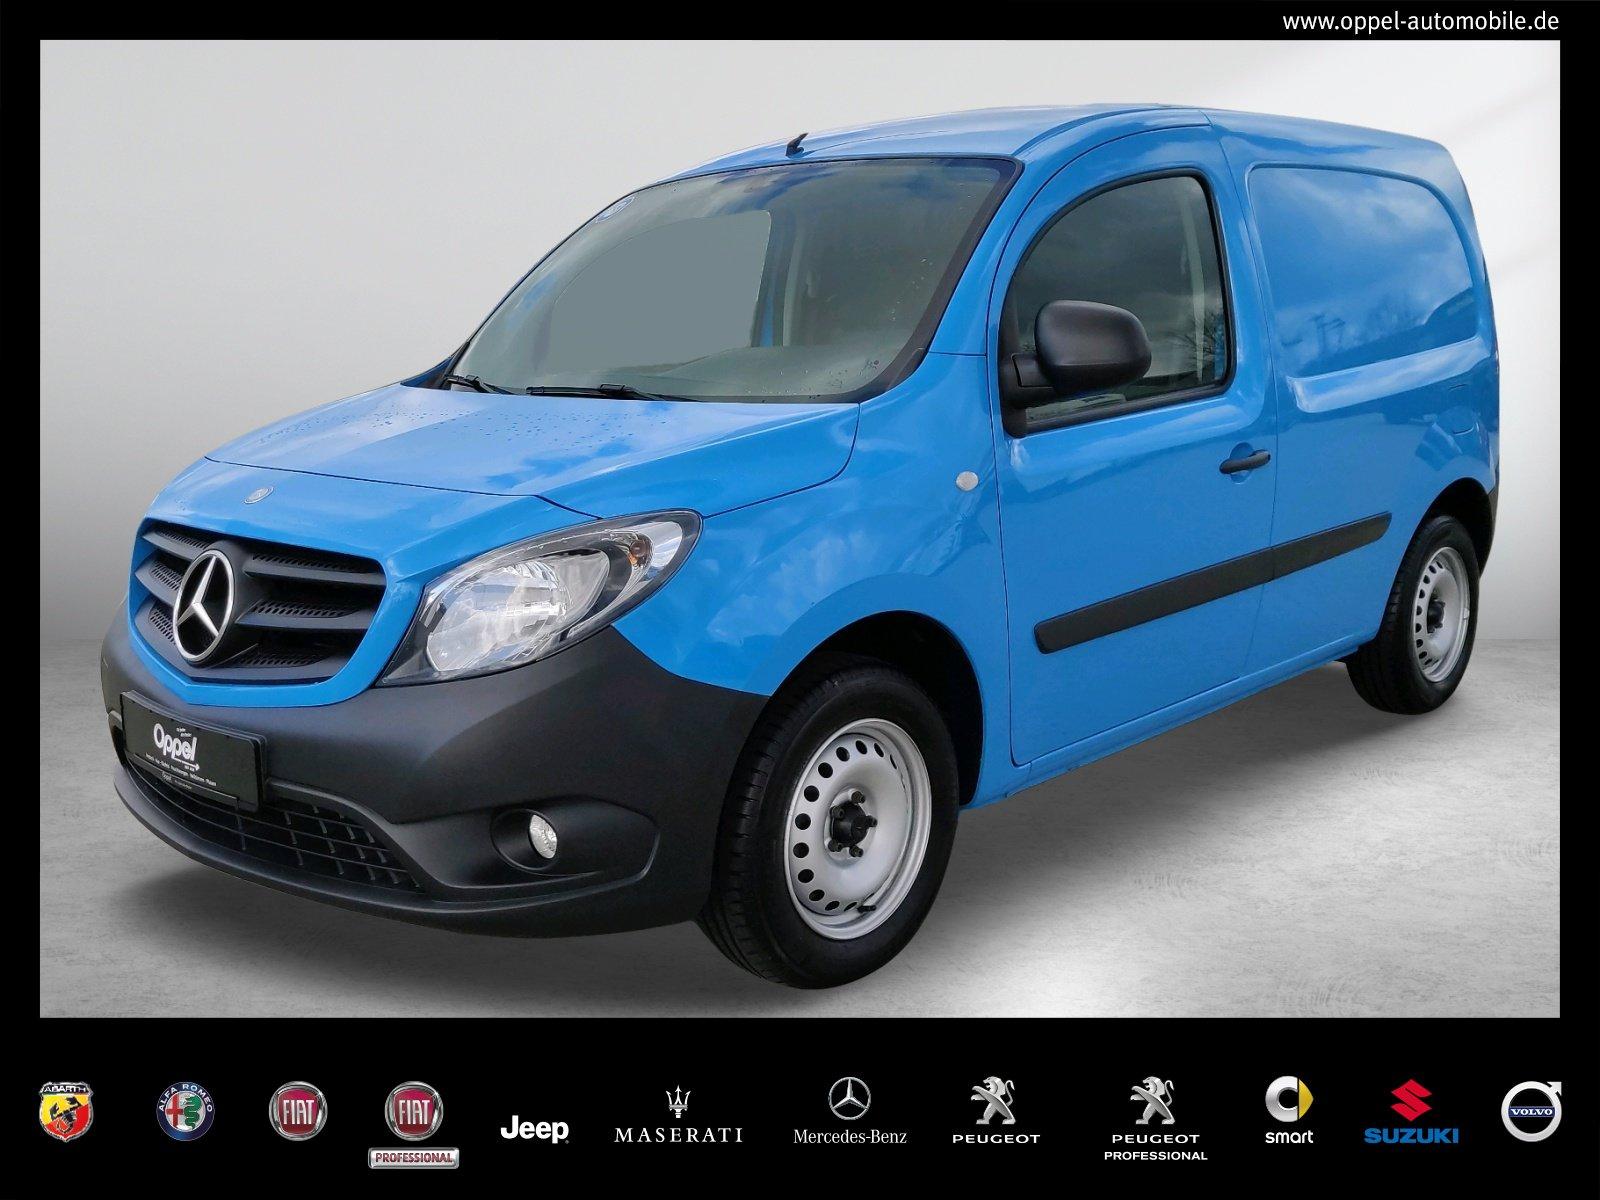 Mercedes-Benz Citan 108 CDI Kasten +TRENNWAND+KLIMA+START STOP, Jahr 2018, Diesel